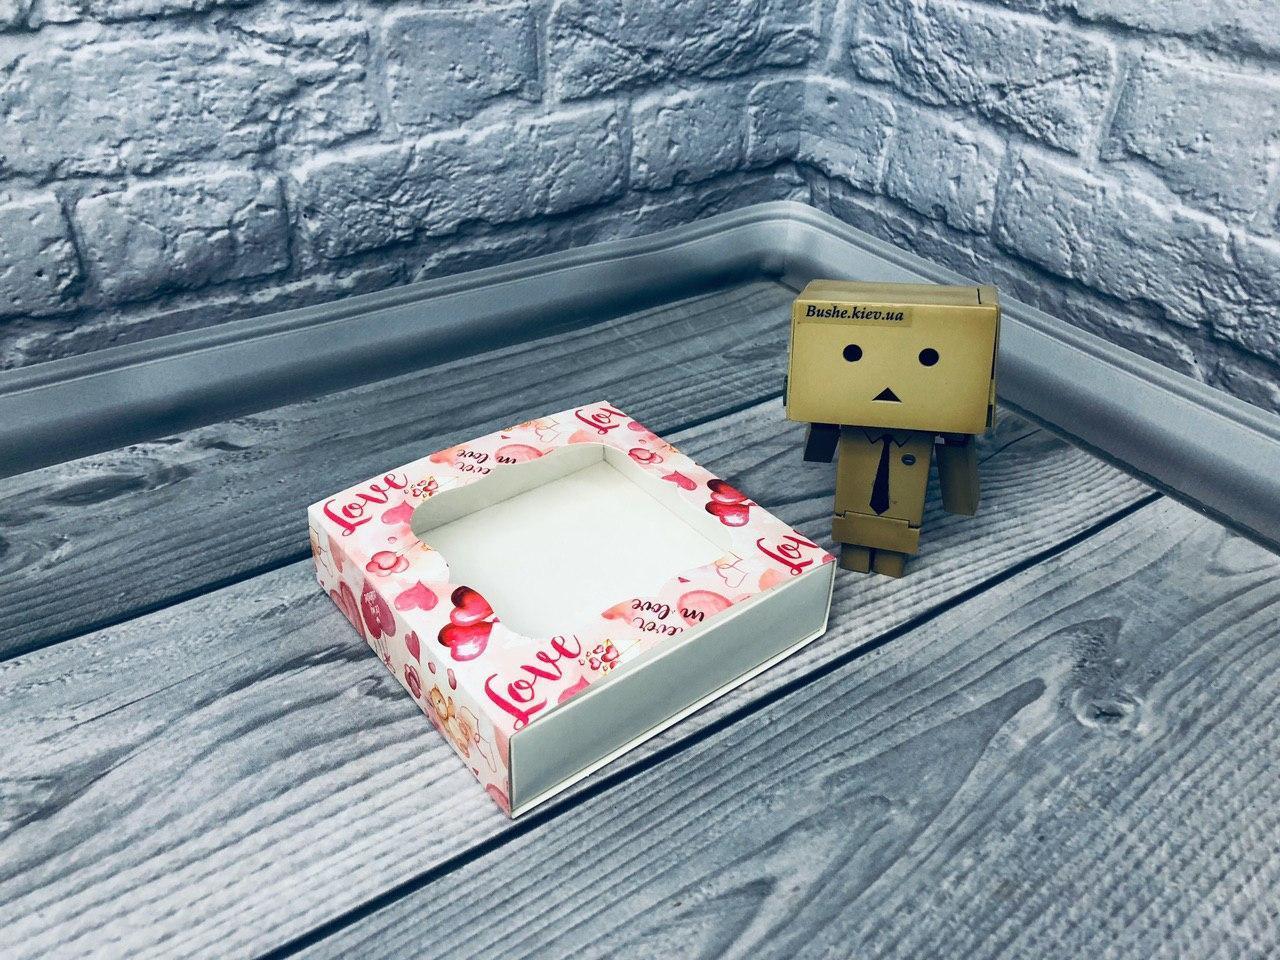 *50 шт* / Коробка для пряников / 120х120х30 мм / печать-Мишарики / окно-обычн / лк